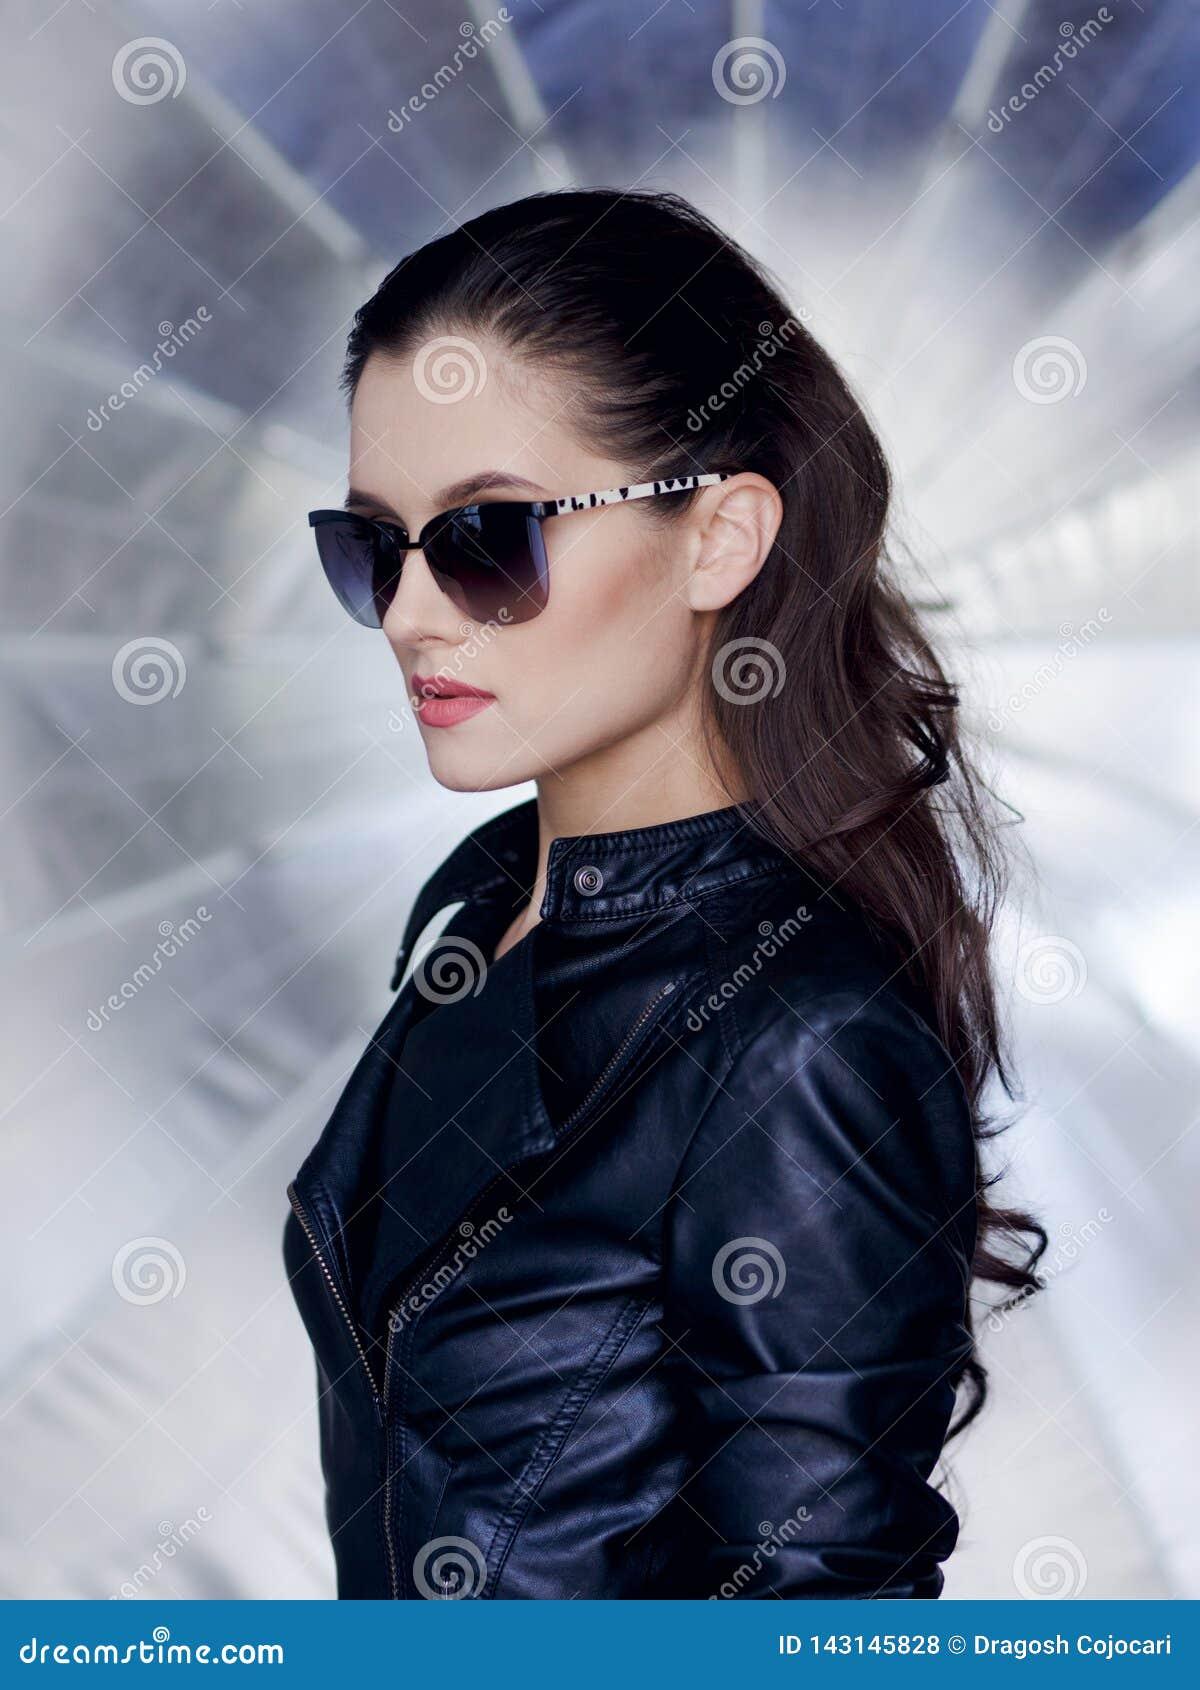 Morena segura e  sexy  com cara bonita, os óculos de sol à moda, o casaco de cabedal preto e penteado rebelde